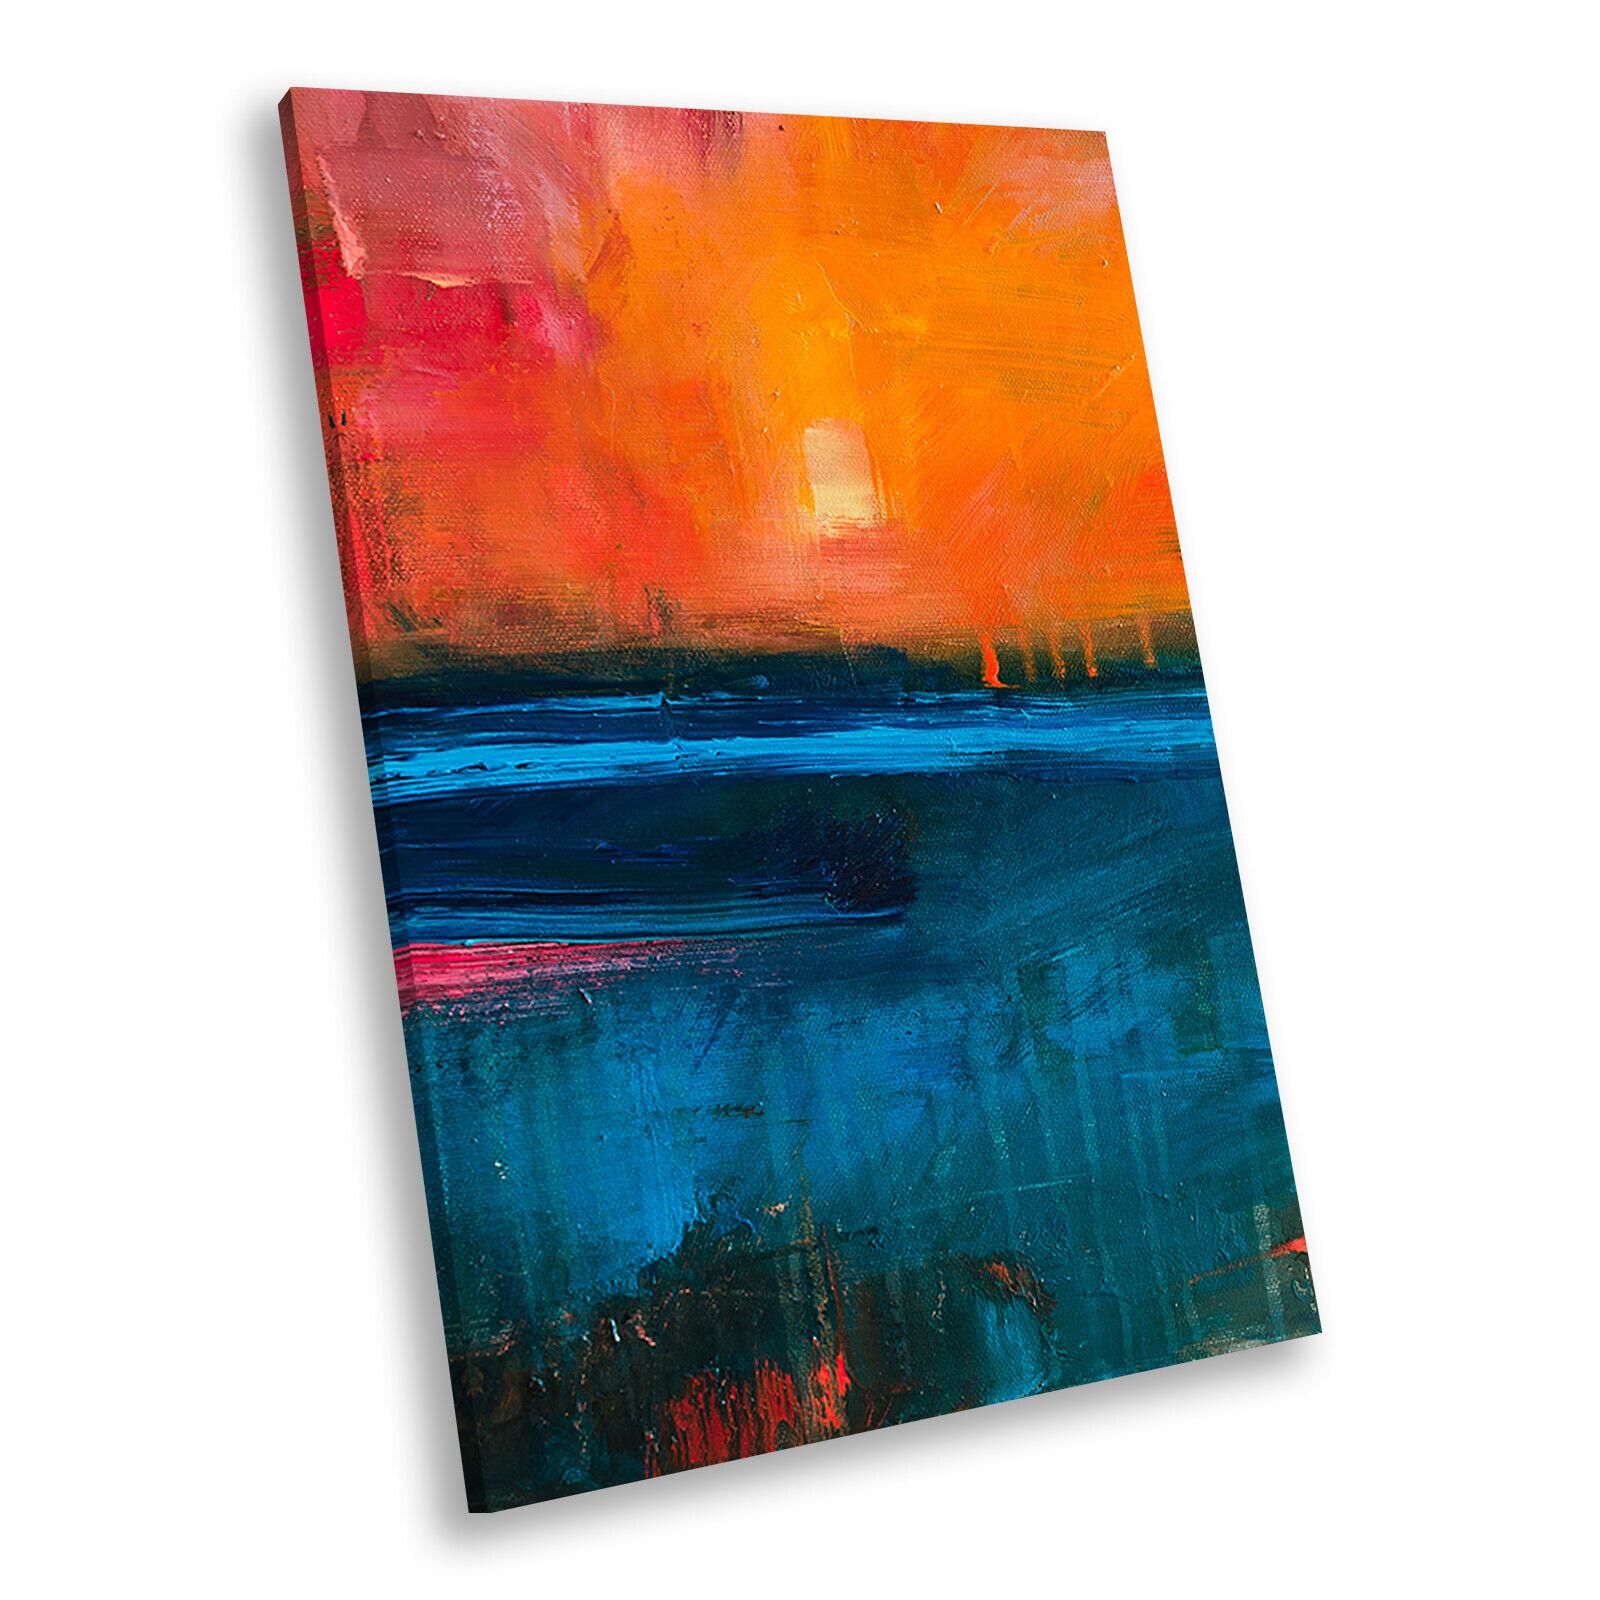 Retro Blau Orange Portrait Abstract Canvas Wall Art Large Picture Prints